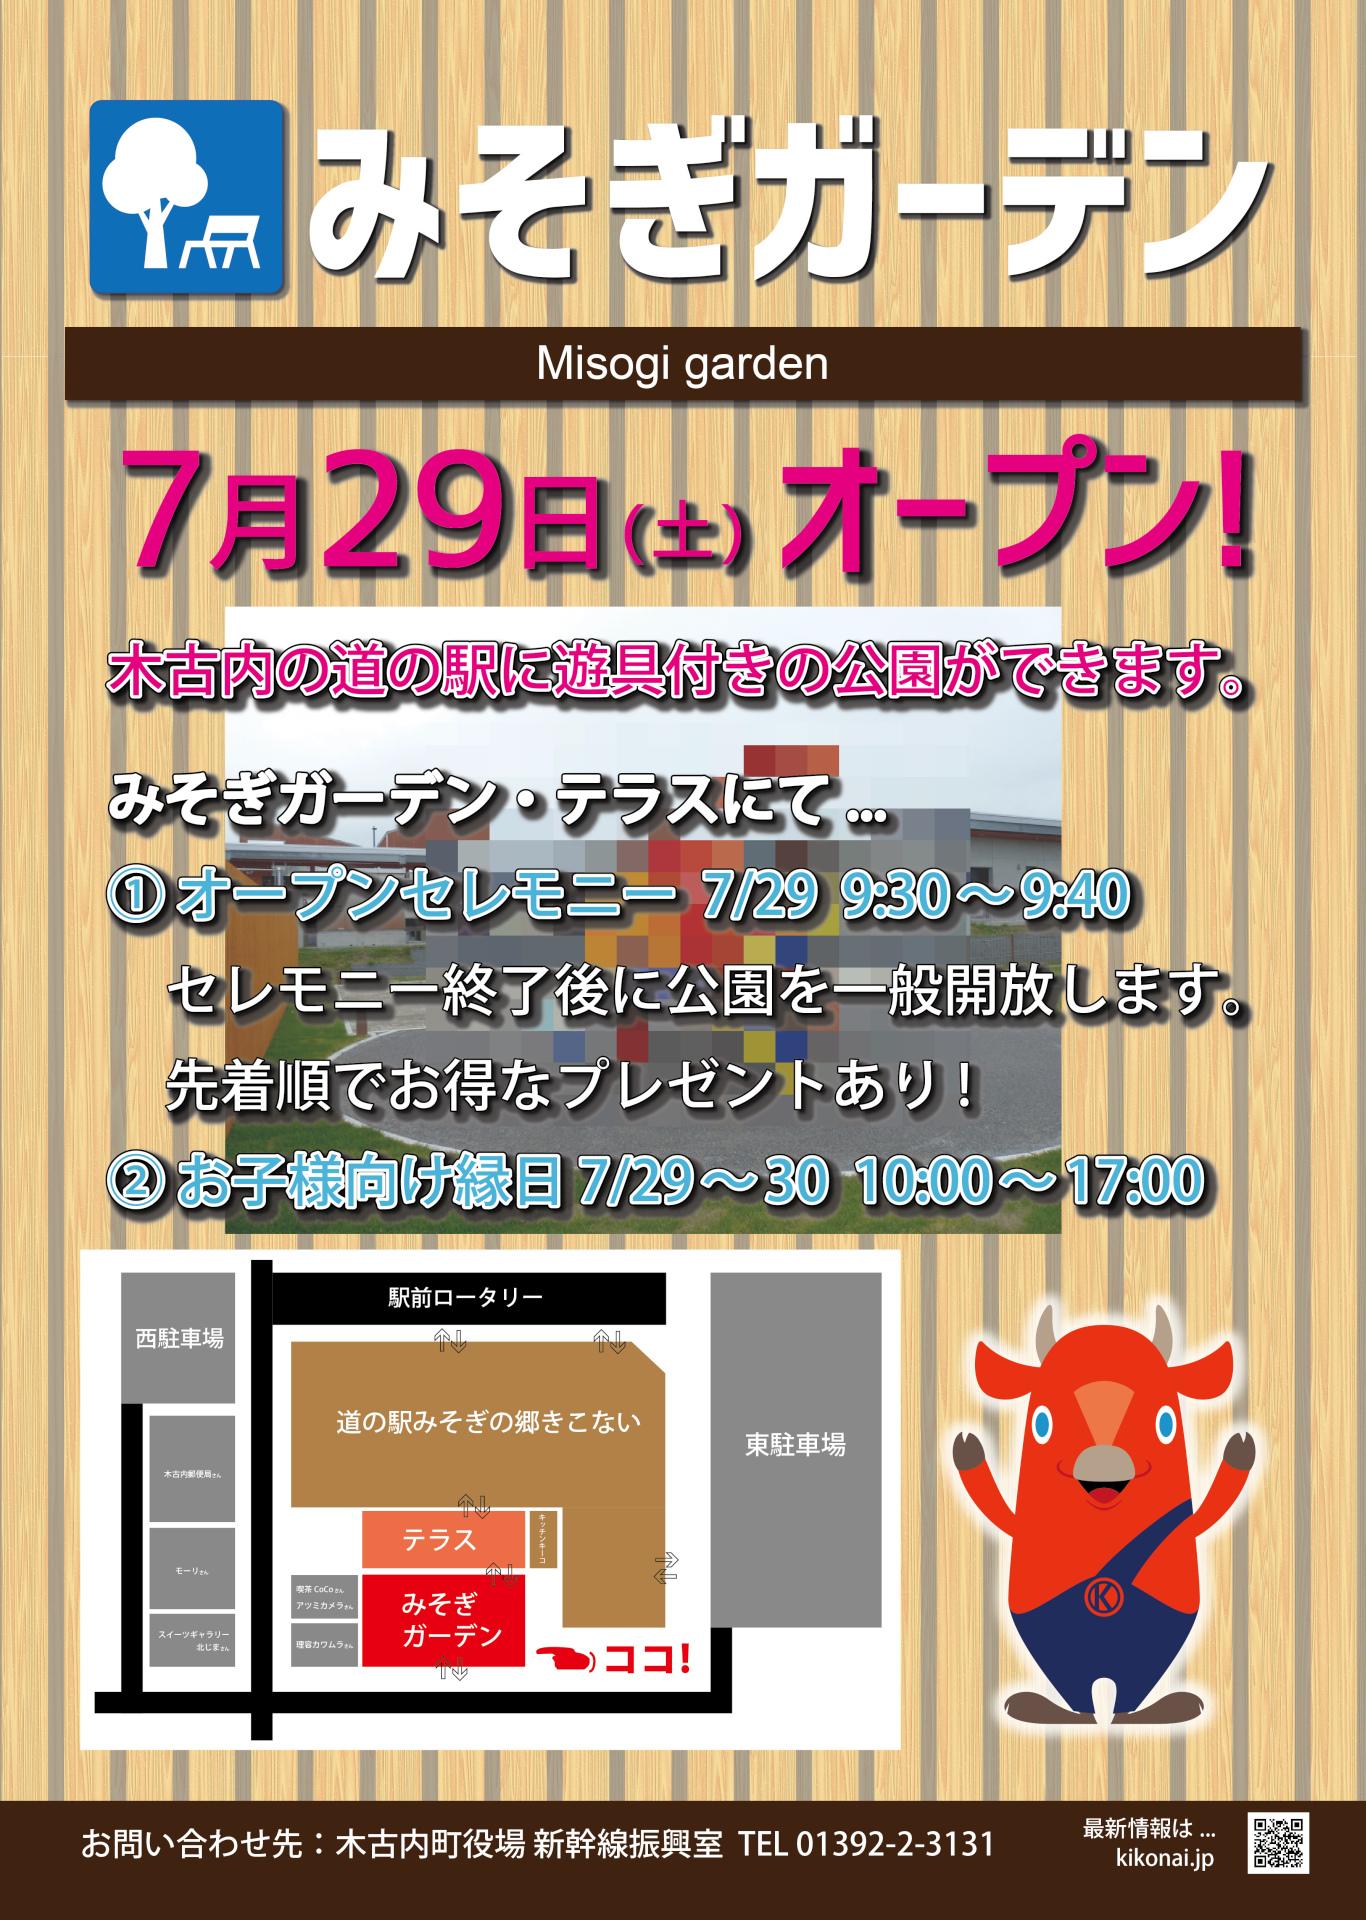 『みそぎガーデン』オープン!! 7月29日(土) オープンセレモニーと縁日やります!